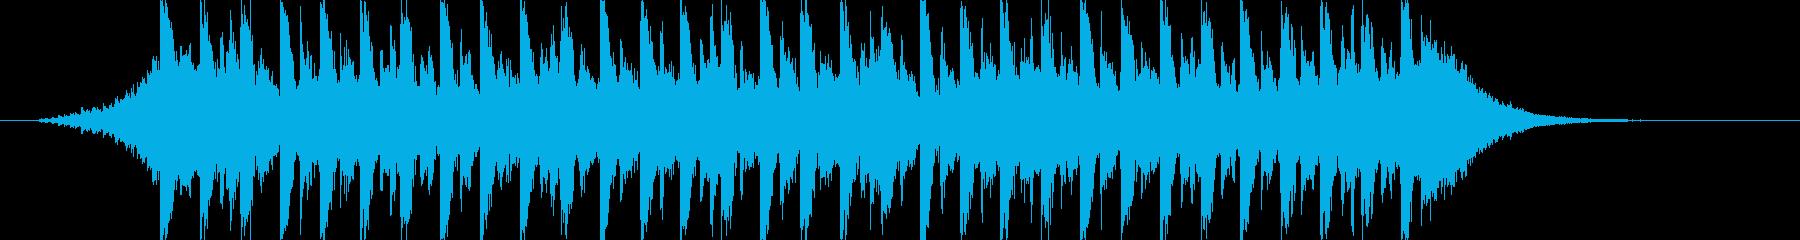 映像に、落ち着いたFuturePop1cの再生済みの波形